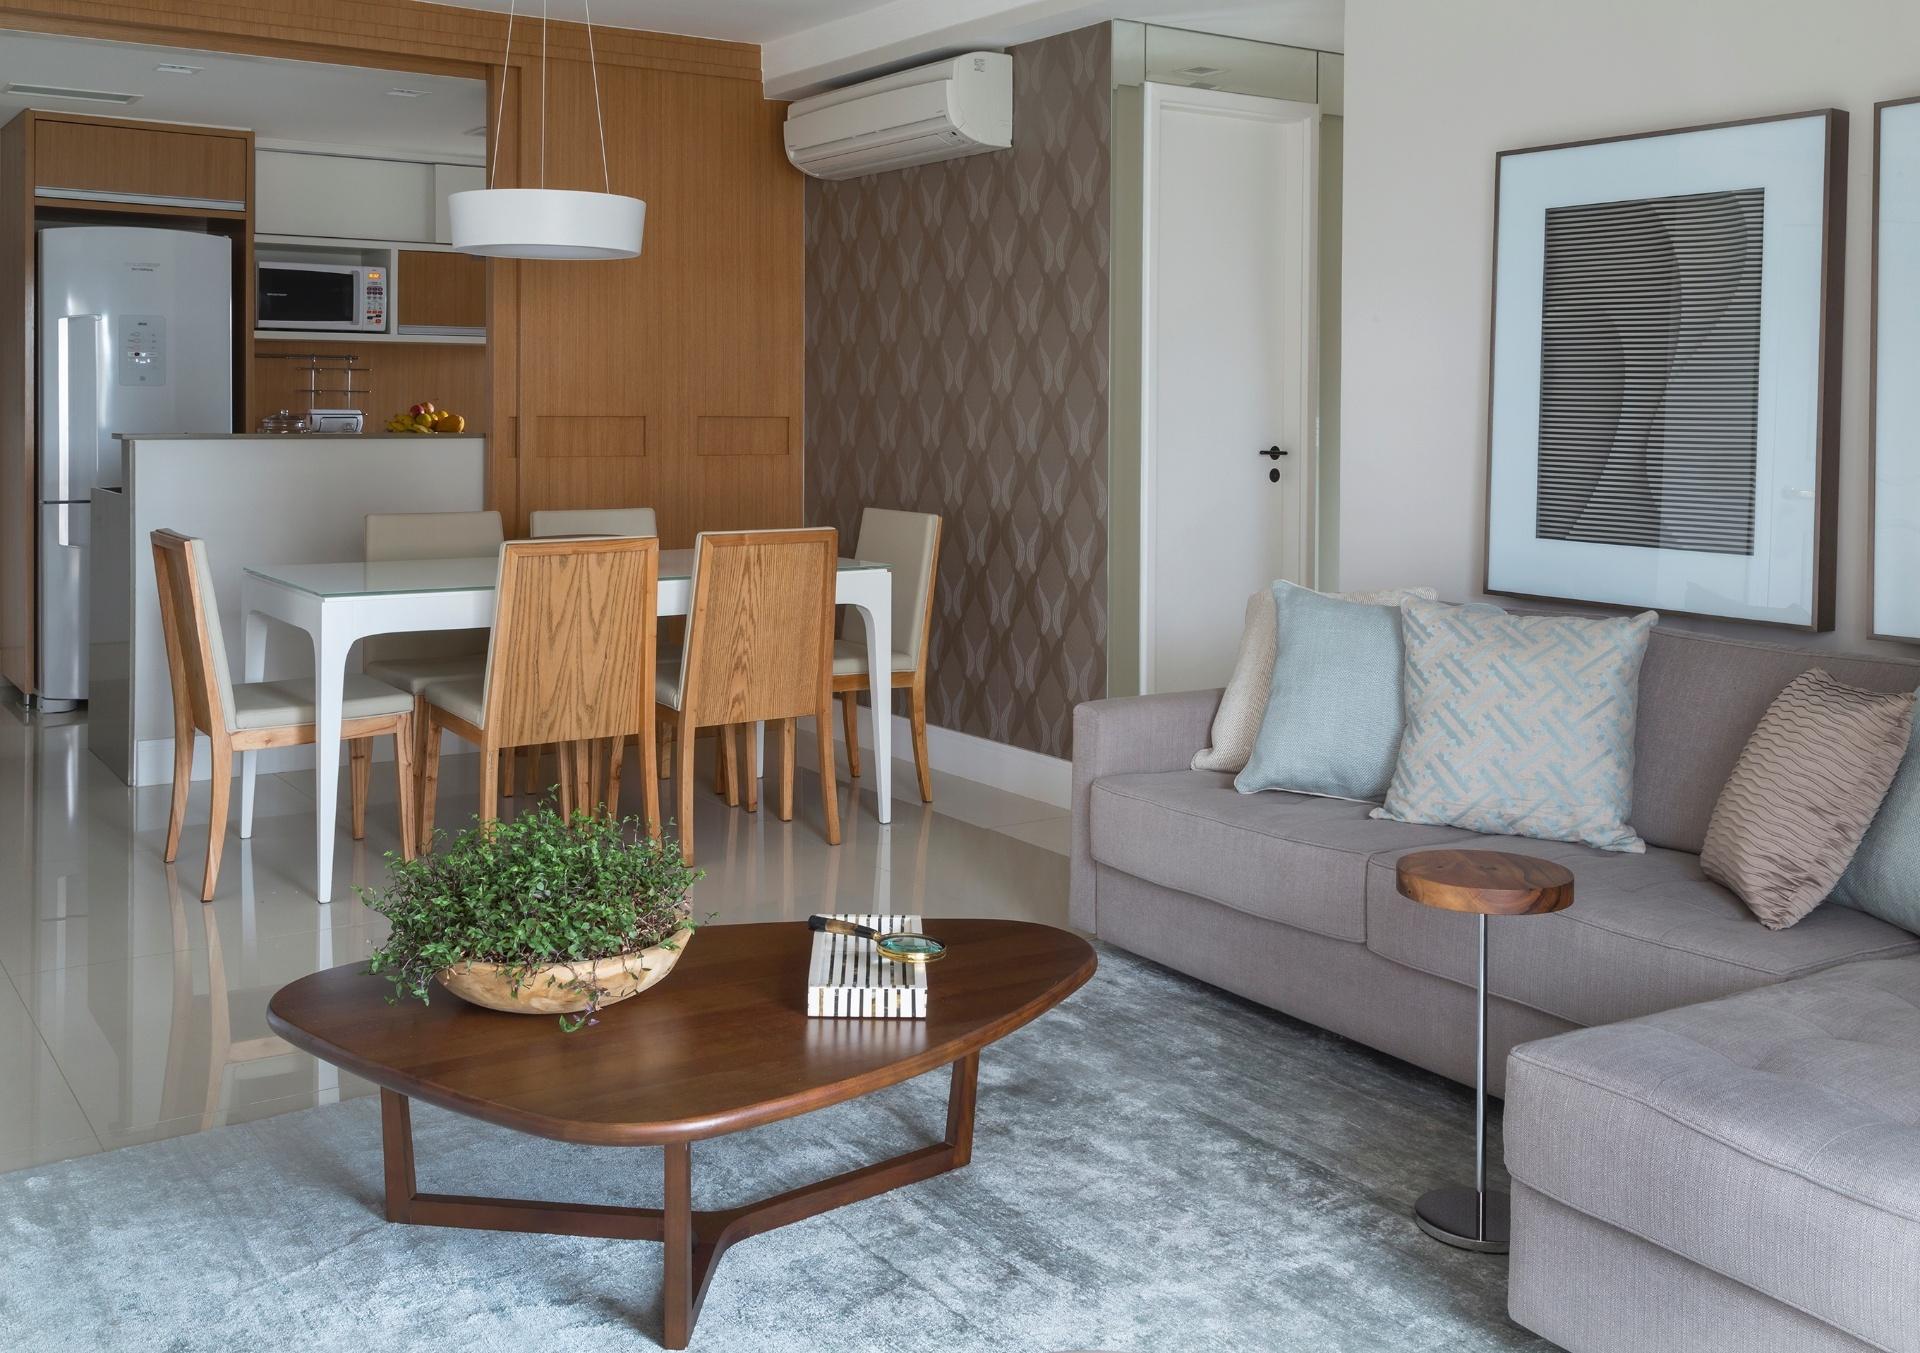 #8C633F  para construir ou reformar a cozinha de casa BOL Fotos BOL Fotos 1698 Janela De Aluminio Na Cor De Madeira